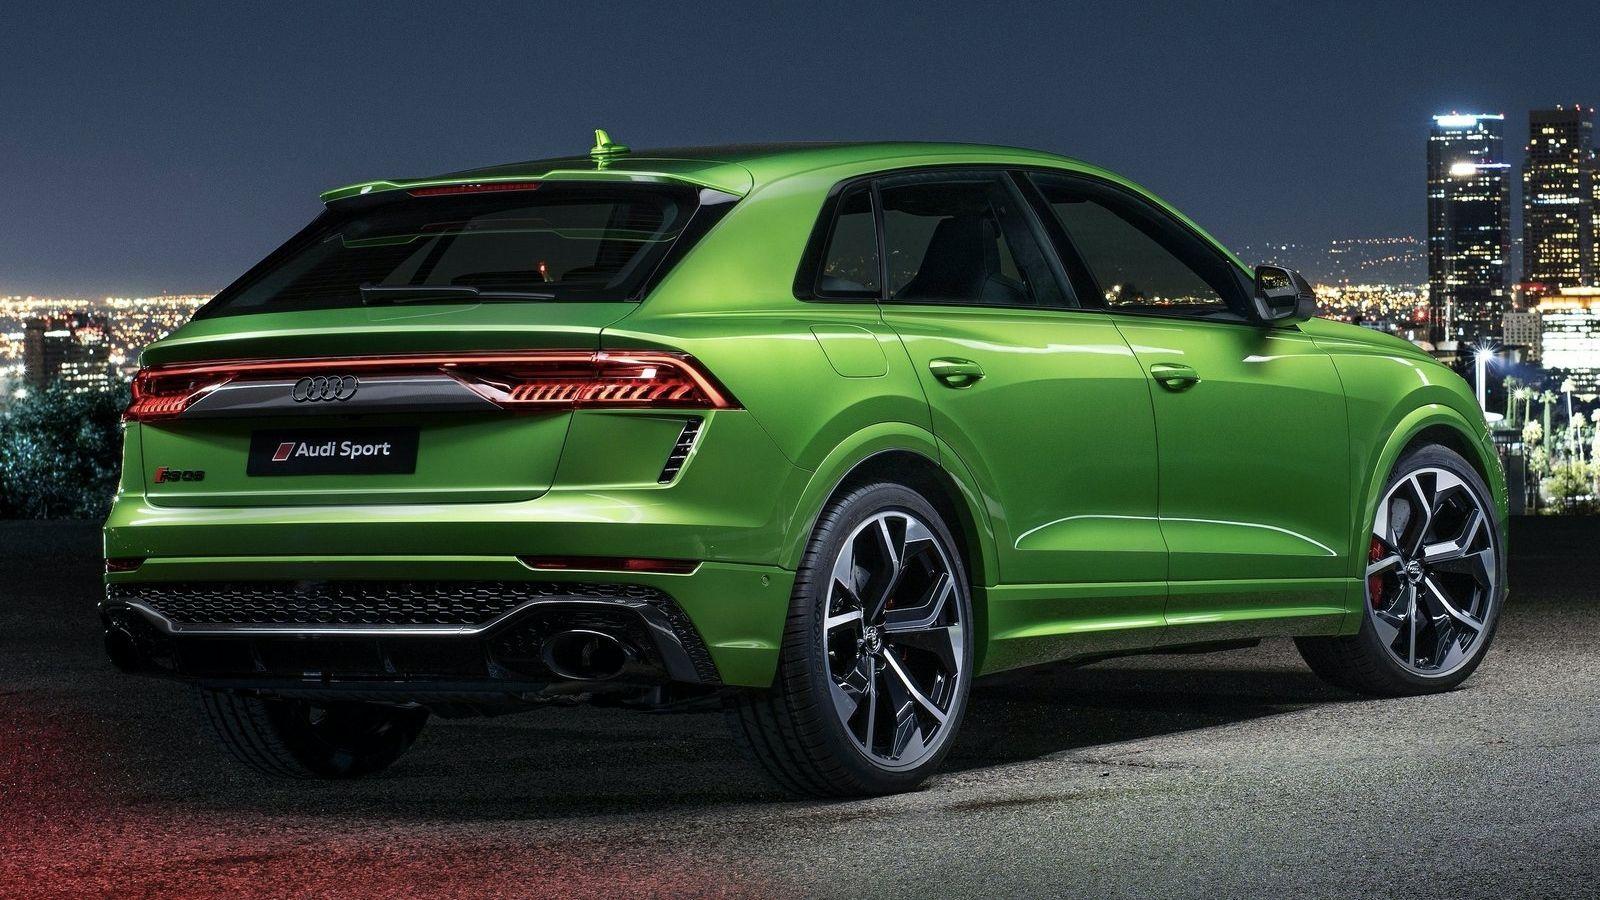 Šéf dizajnér Audi tvrdí, že 23-palcové kolesá sú úplne maximum. Nič väčšie nemá na autách zmysel